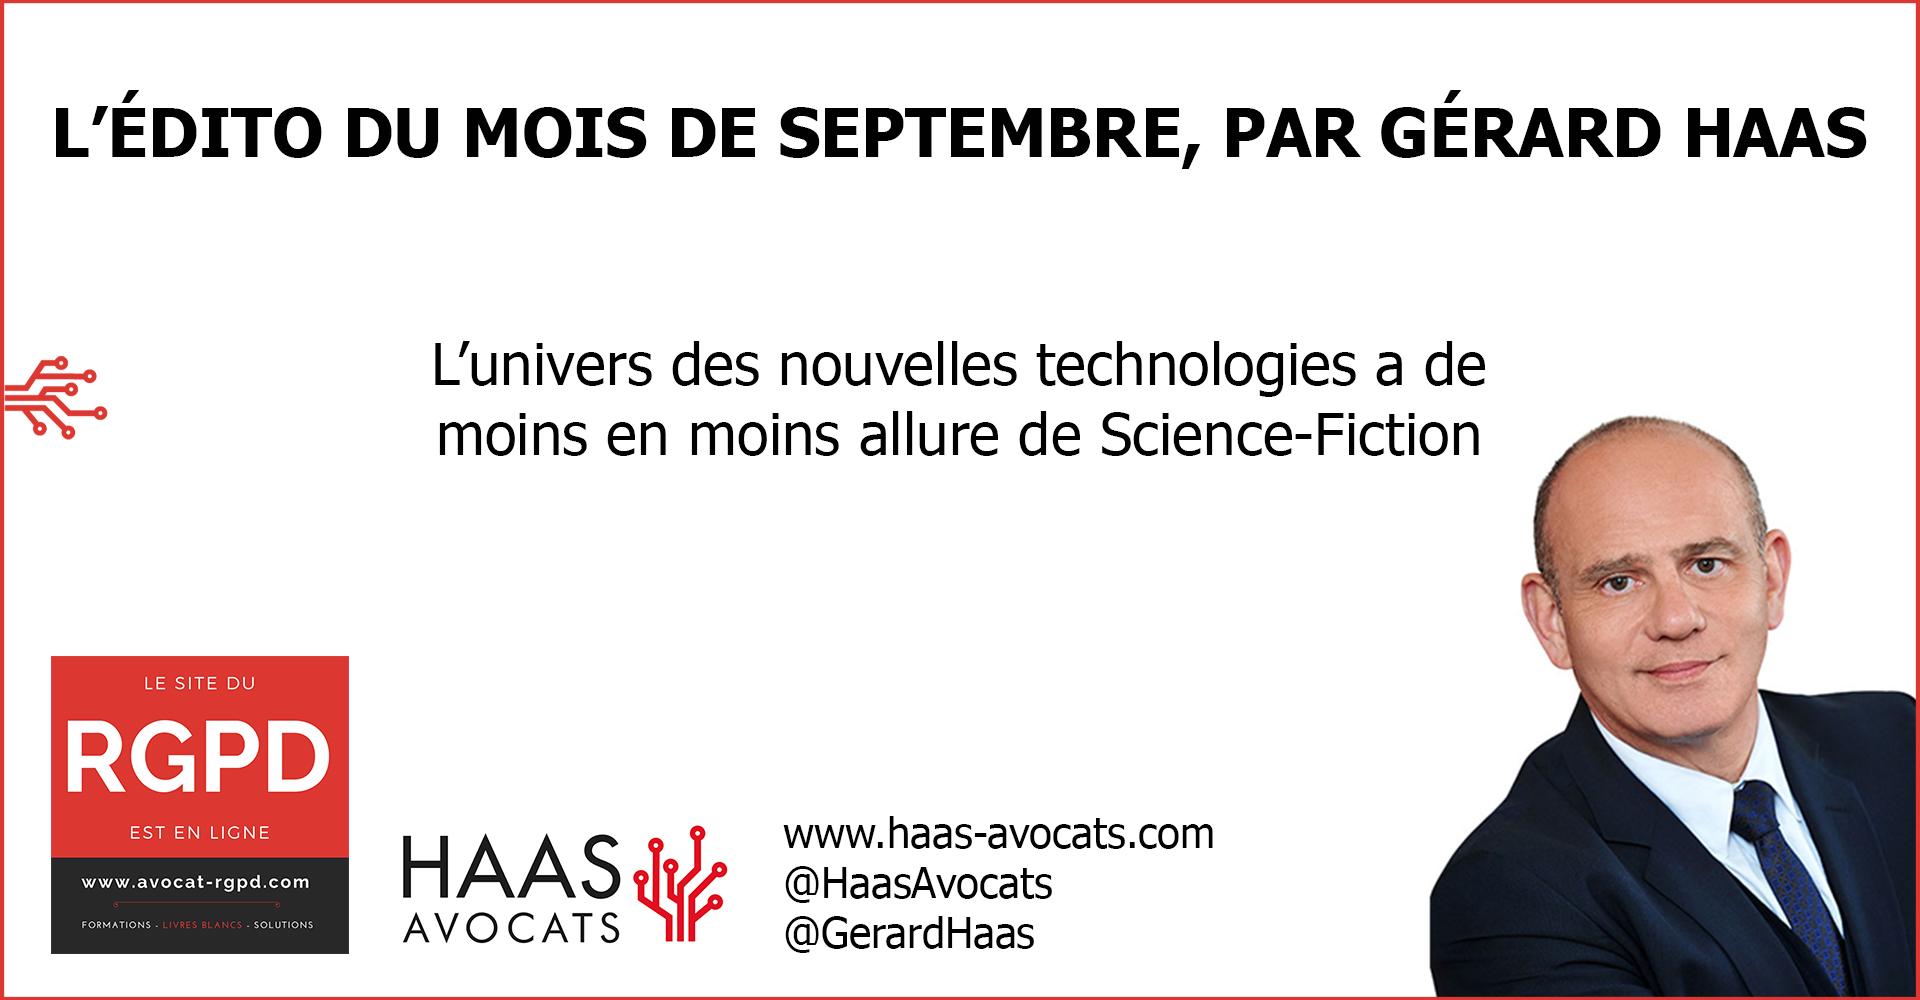 Edito Septembre  L'édito du mois de septembre : l'univers des nouvelles technologies a de moins en moins allure de Science-Fiction Edito Septembre